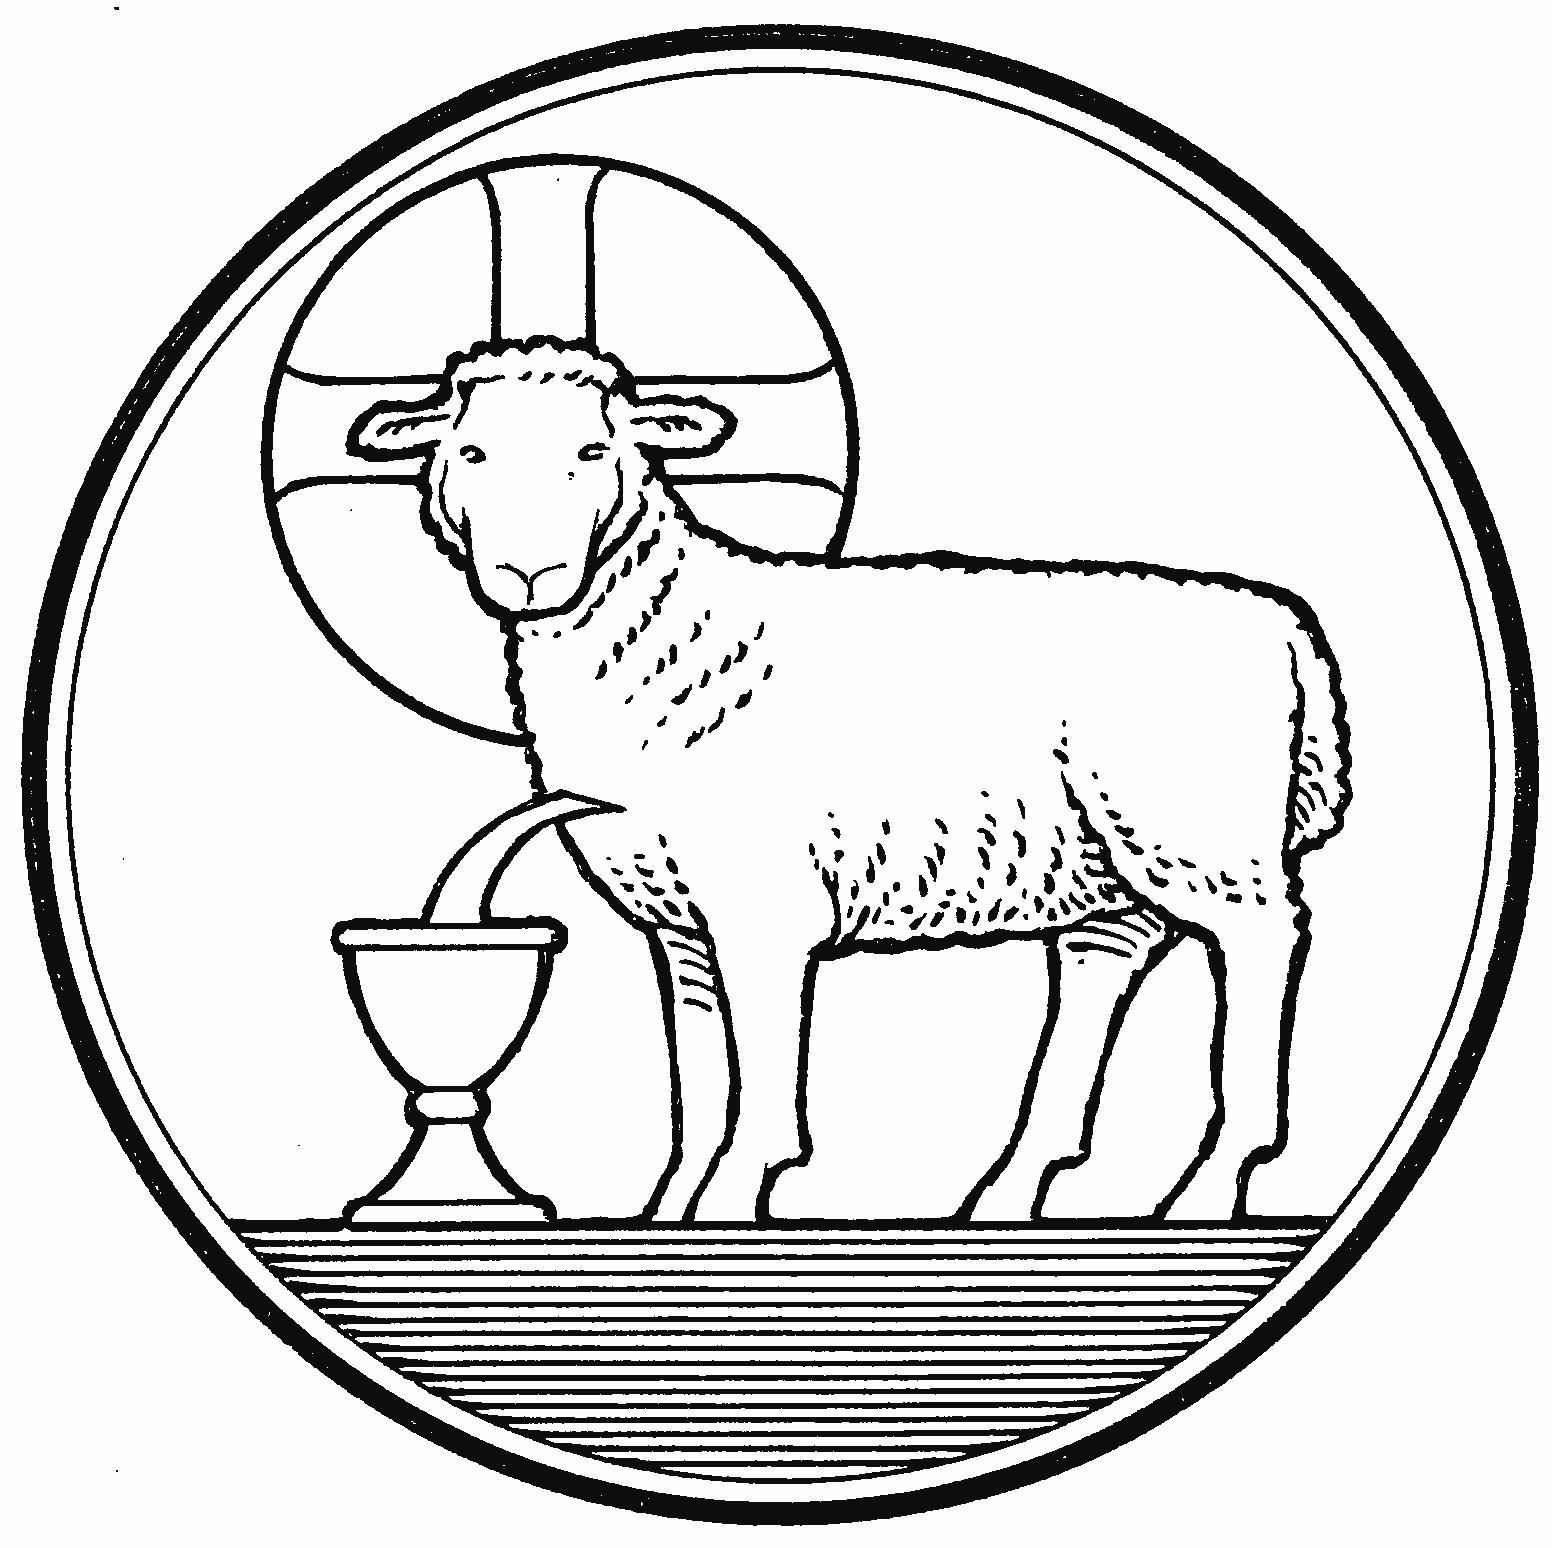 » Maundy Thursday Rev. Tucher